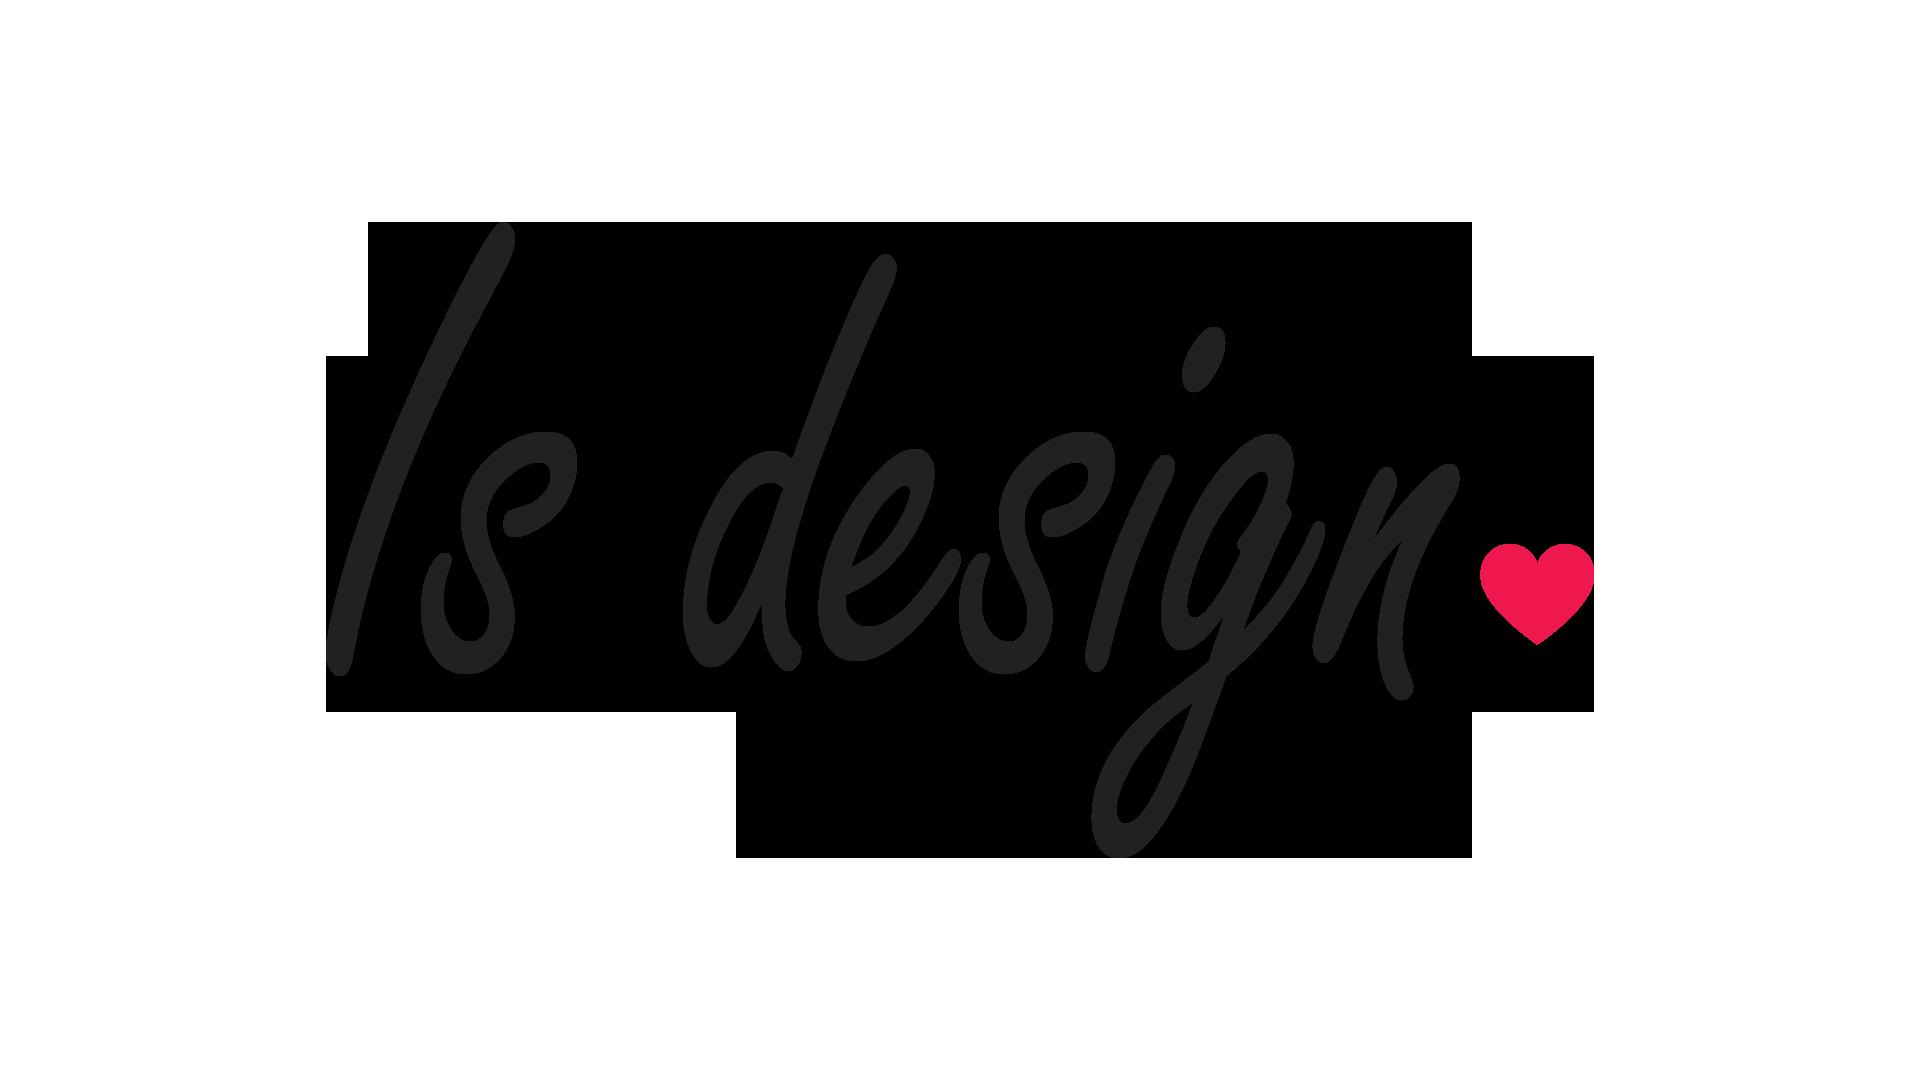 isdesign